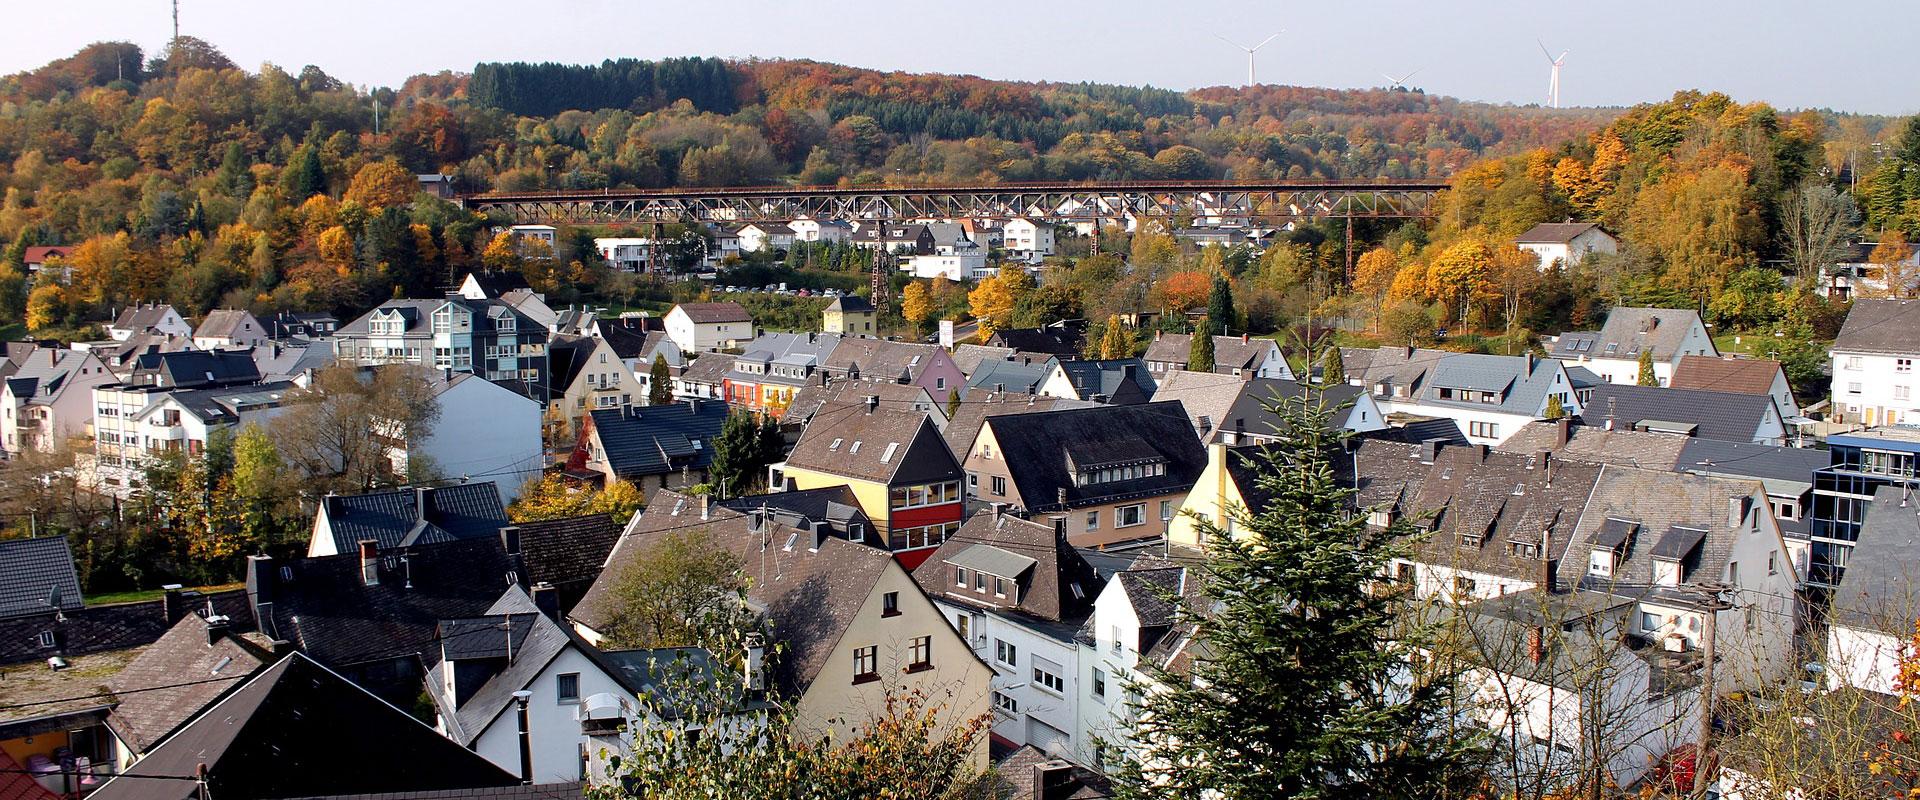 Westerwald - Westerburg